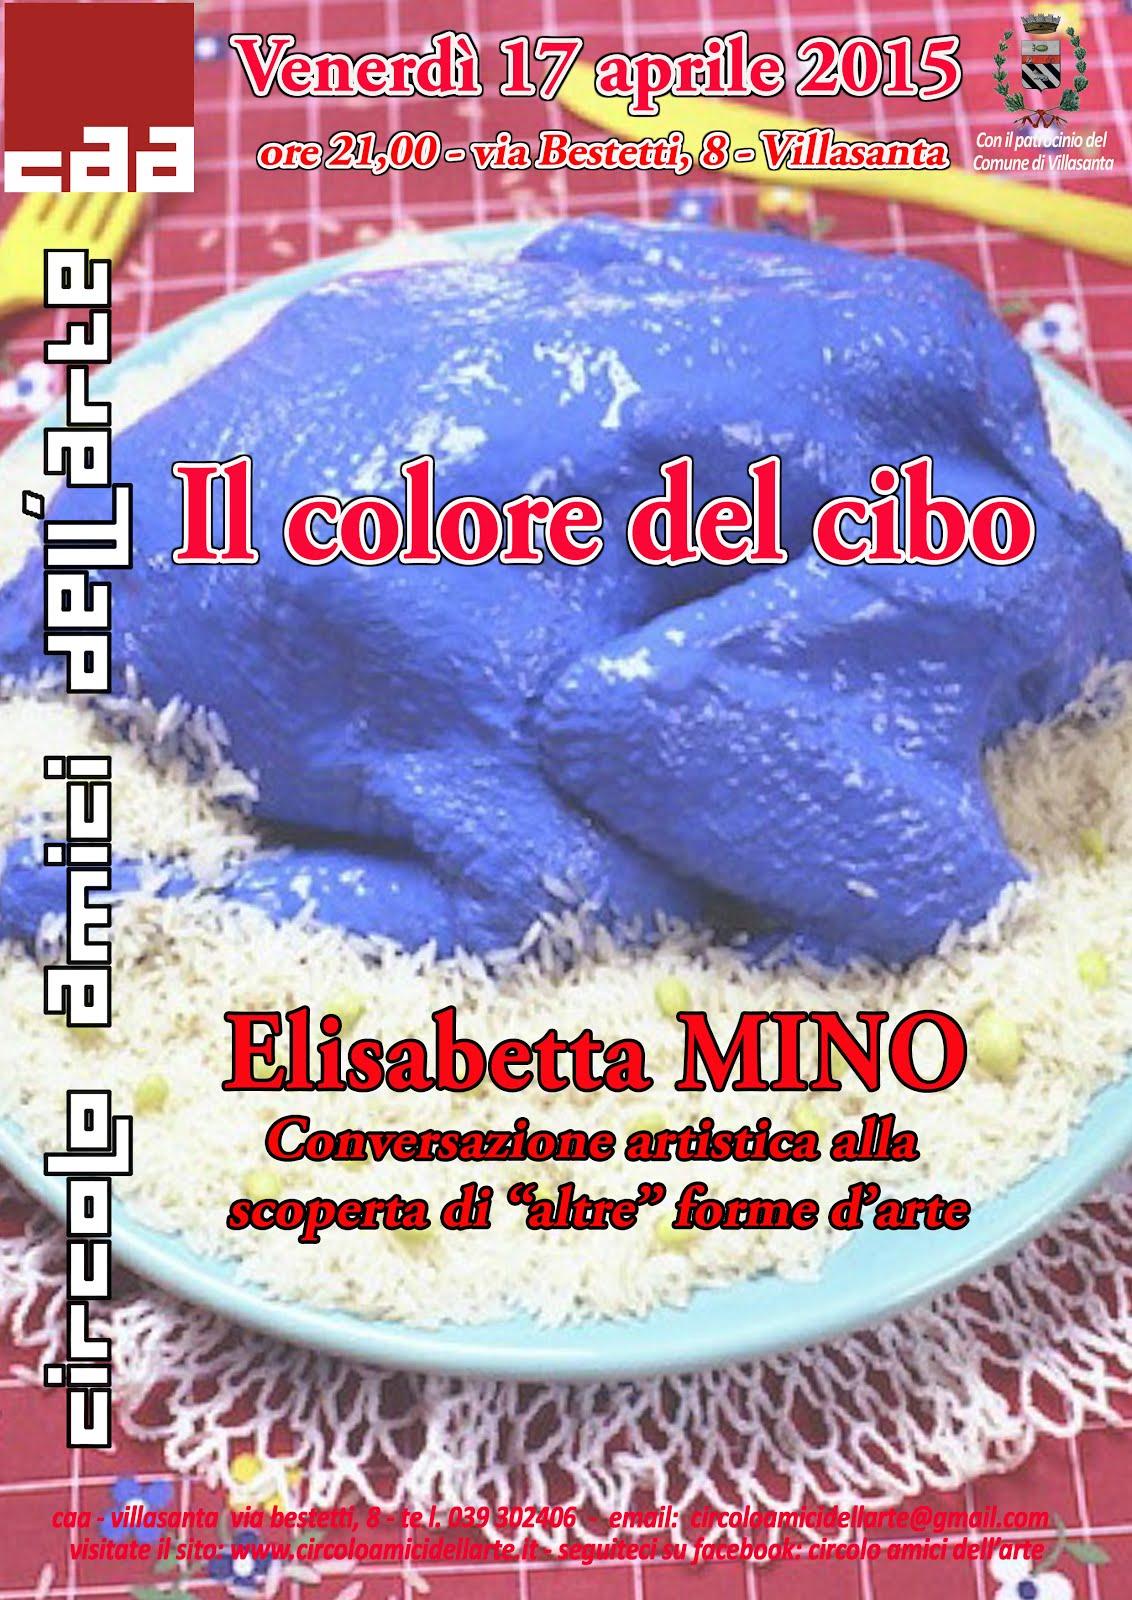 Il colore del cibo - CONFERENZA